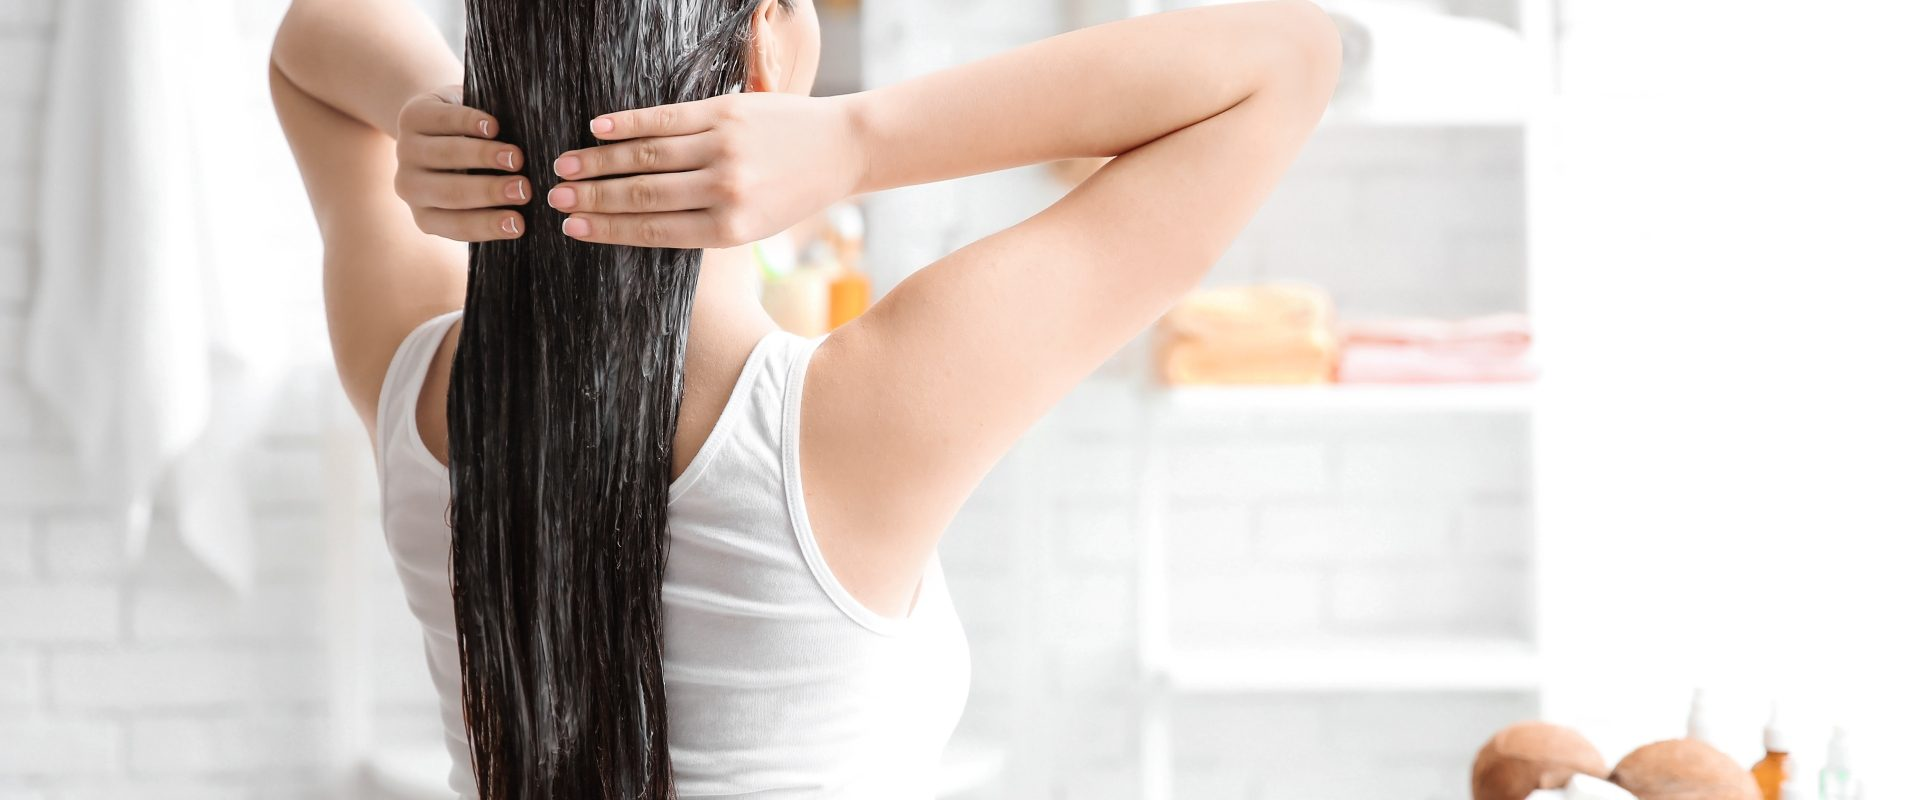 Naturalne kosmetyki do włosów DIY. Maseczki do włosów ekologiczne. Młoda kobieta stoi tyłem w swojej łazience i wciera we włosy domową maseczkę. W tle widać kokosy.